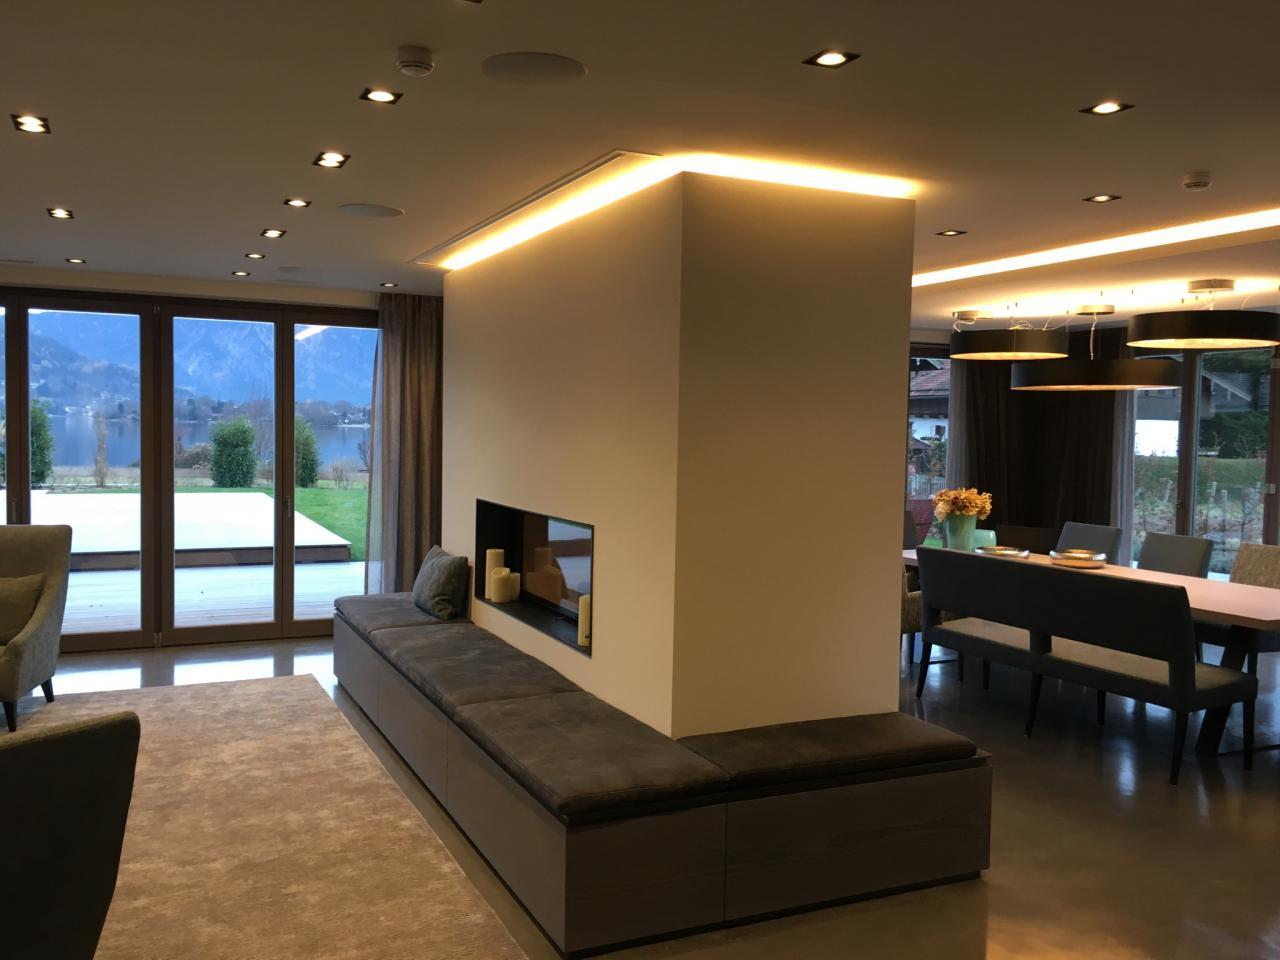 heimkino seaside im wohnzimmer by heimkinoraum m nchen. Black Bedroom Furniture Sets. Home Design Ideas